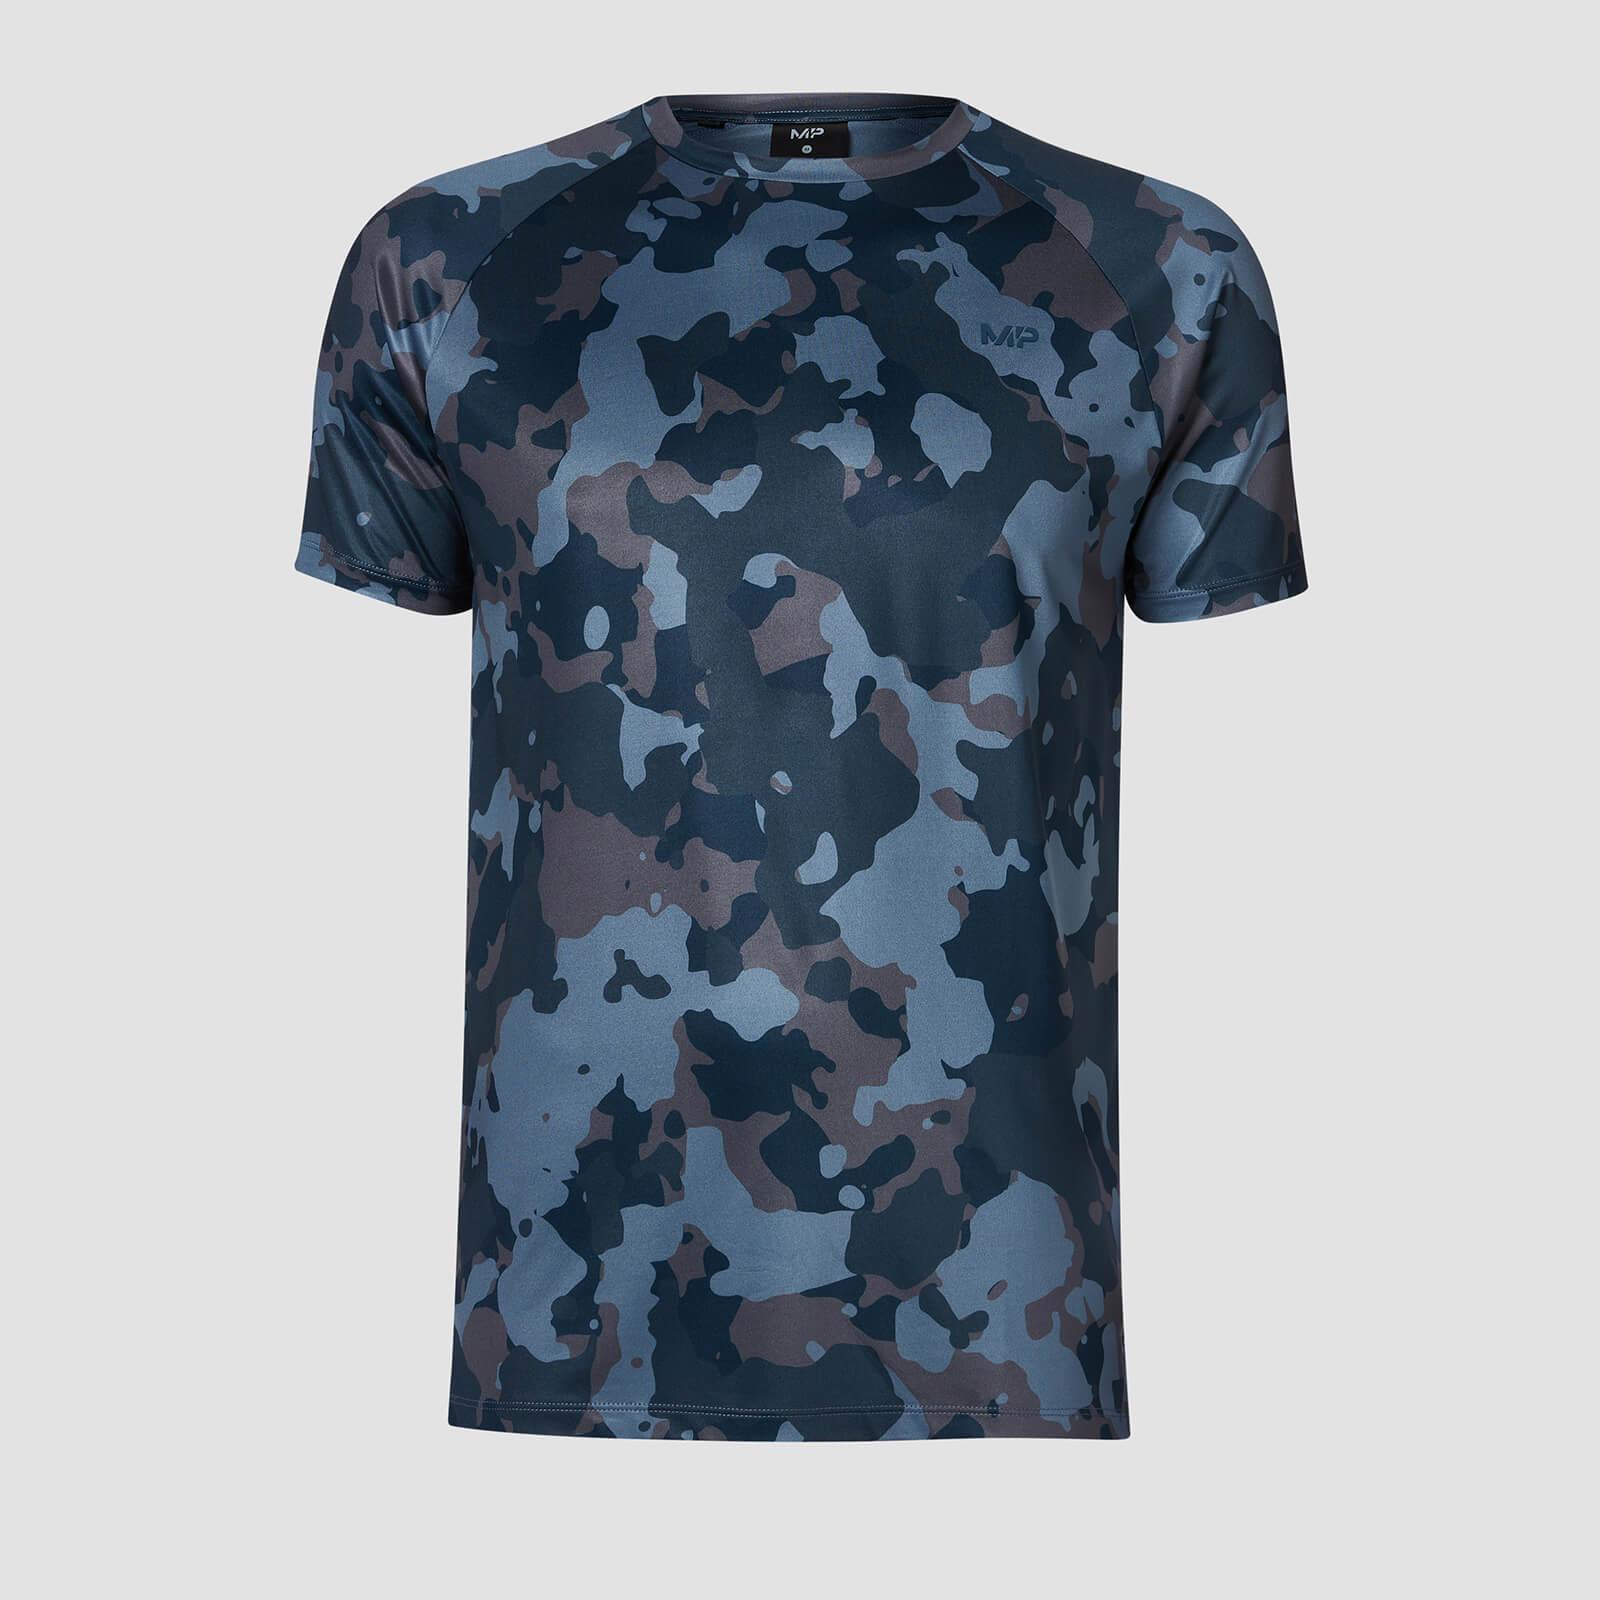 MP Miesten MP Training Camo t-paita - Washed Sininen - XS